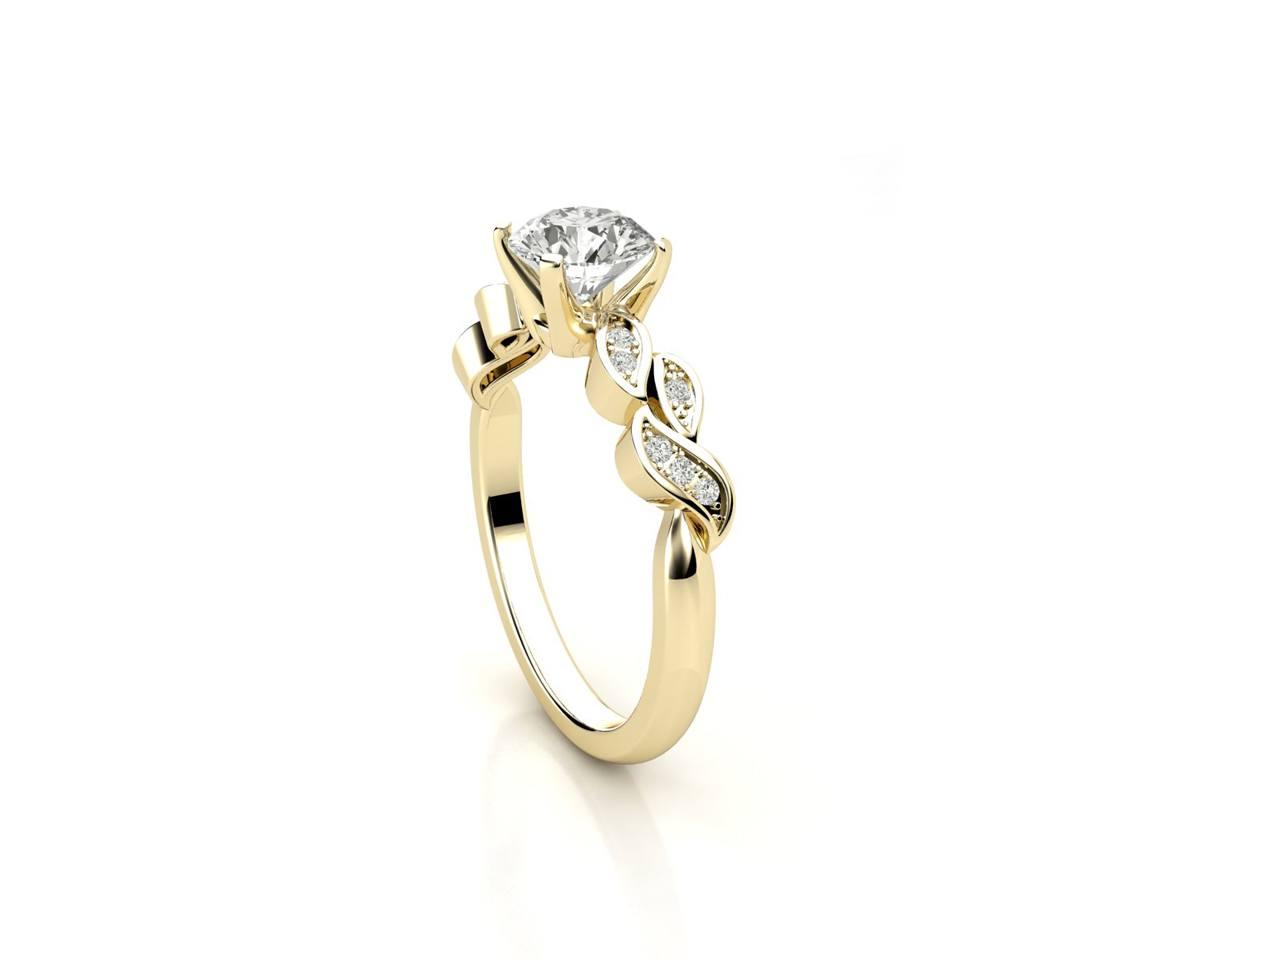 """טבעת-אירוסין-זהב-לבן-סוליטר-מעוצבת-בסגנון-מלכותי-קשת-עלים-סה""""כ-0.67-קראט-יהלומים-3"""